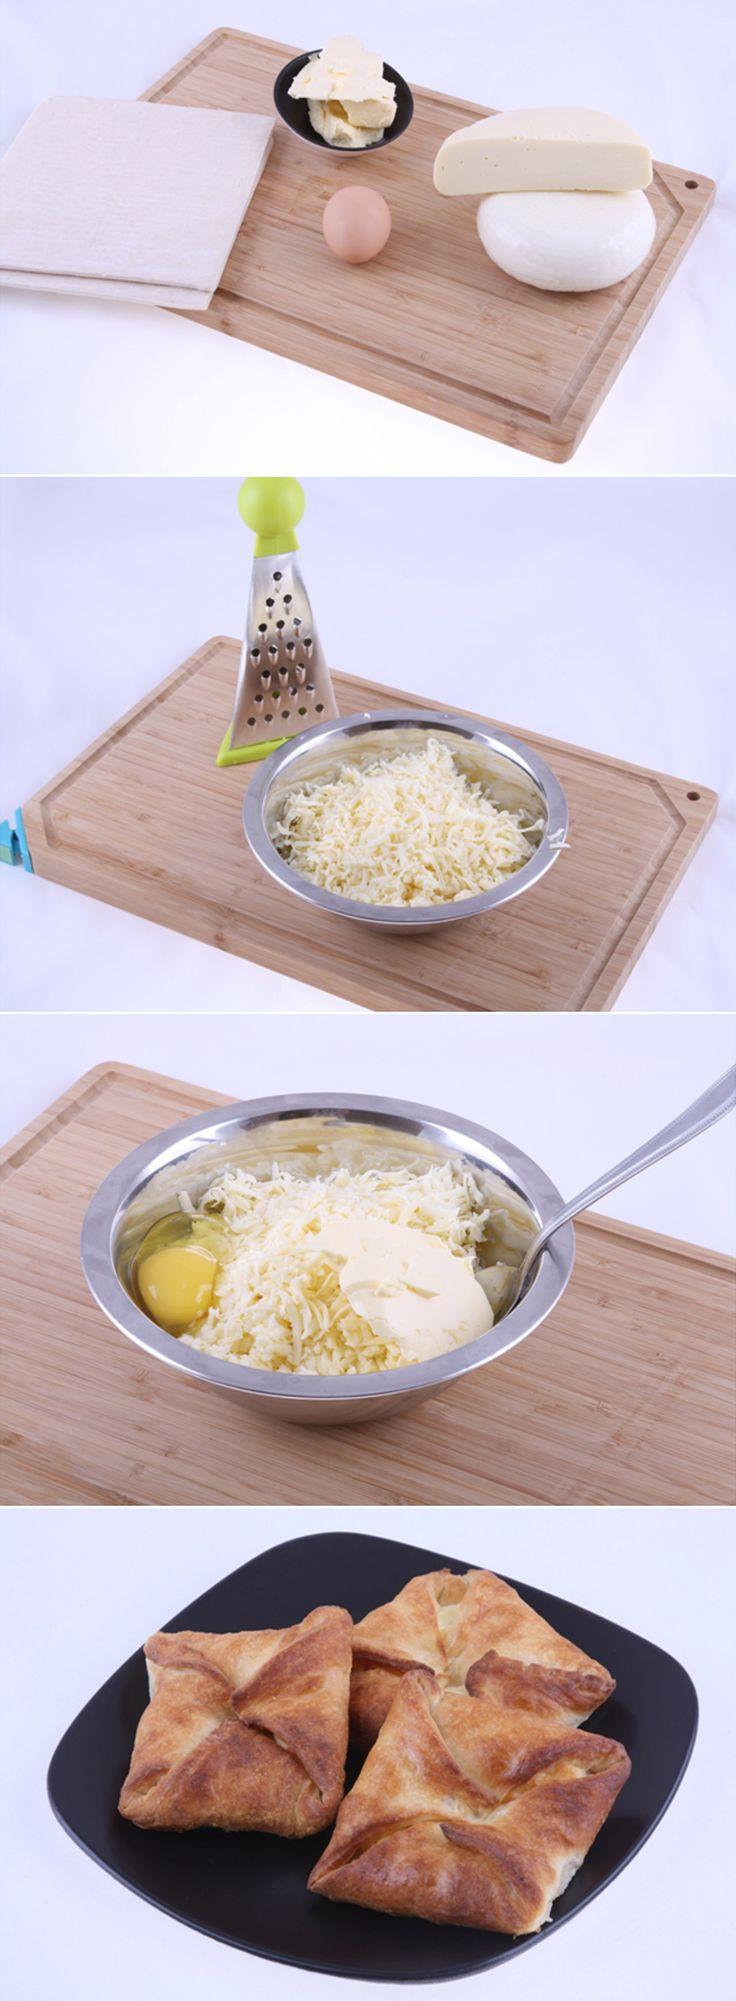 Грузинские Пеновани. Если вы любите сырную ароматную выпечку, то вы обязательно должны попробовать этот классический метод приготовления блюда грузинской кухни! Пеновани обязательно нужно подавать сразу и есть теплыми. Полный список ингредиентов и способ приготовления блюда вы можете увидеть в...http://vk.com/dinnerday; http://instagram.com/dinnerday #выпечка #кулинария #хачапури #пеновани #сыр #тесто #рецепт #еда #dinnerday #food #cook #recipe #recipes #baking #cheese #dough